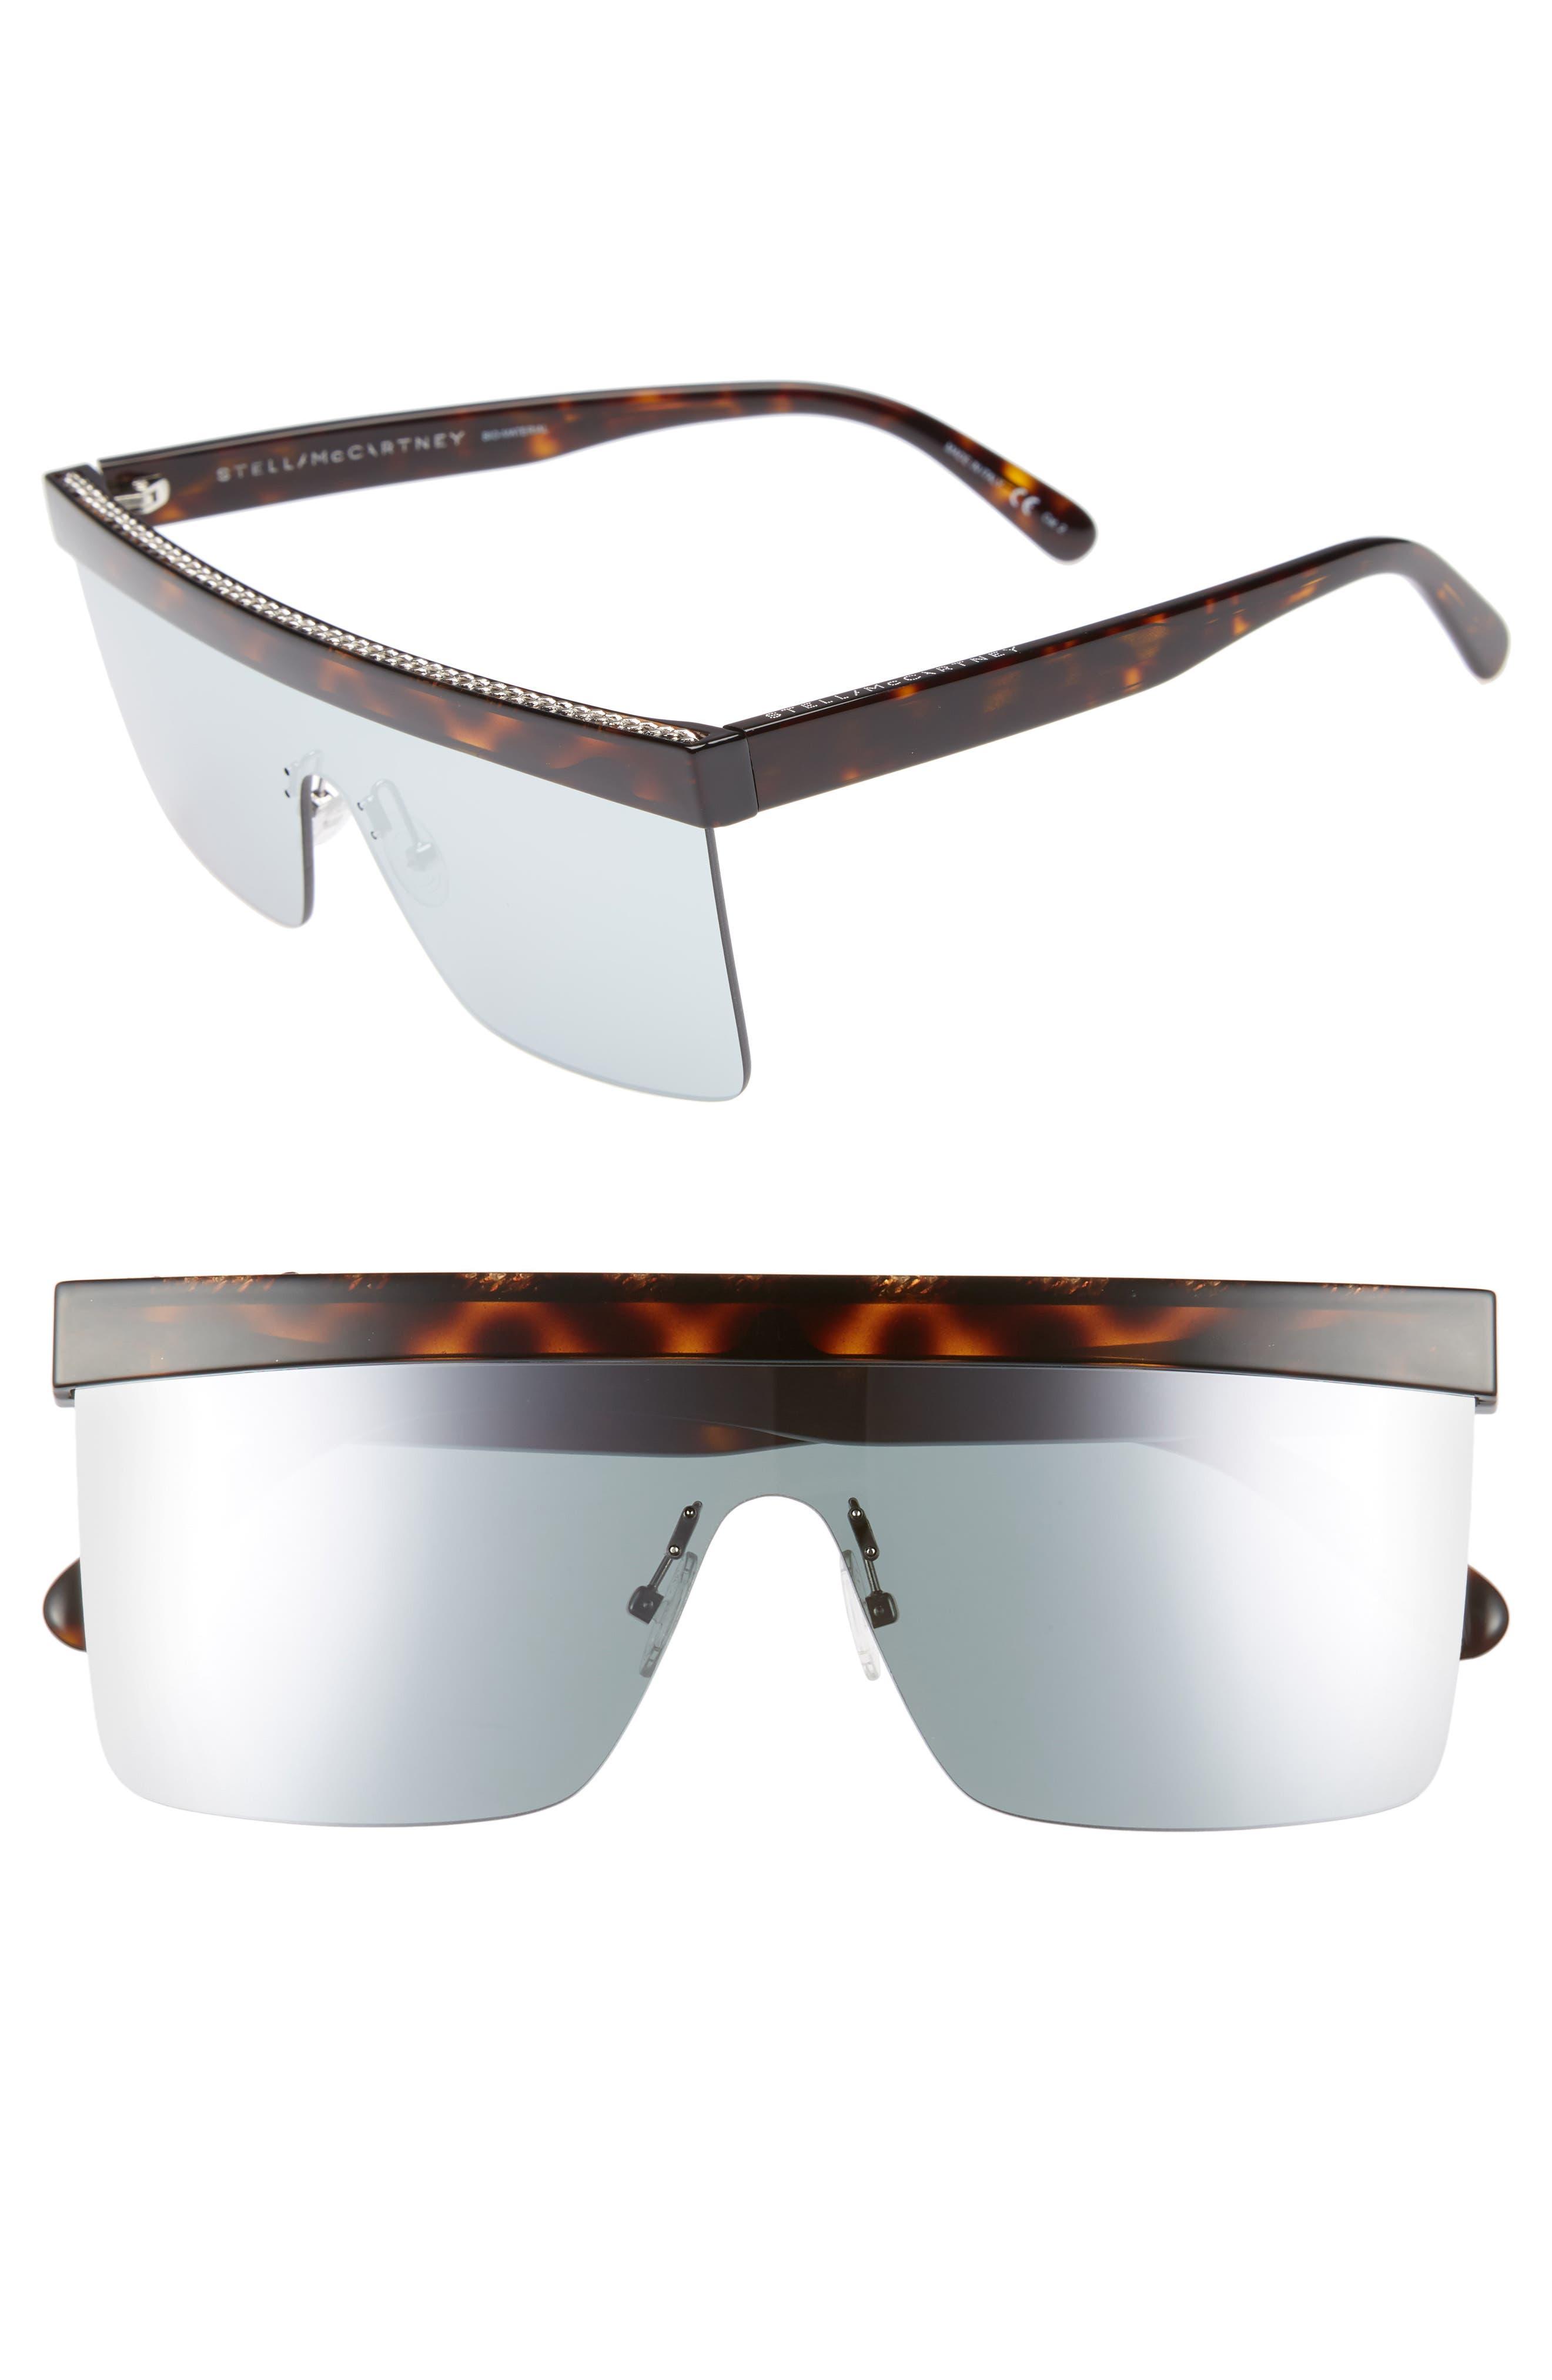 99mm Shield Sunglasses,                             Main thumbnail 1, color,                             Shiny Dark Havana